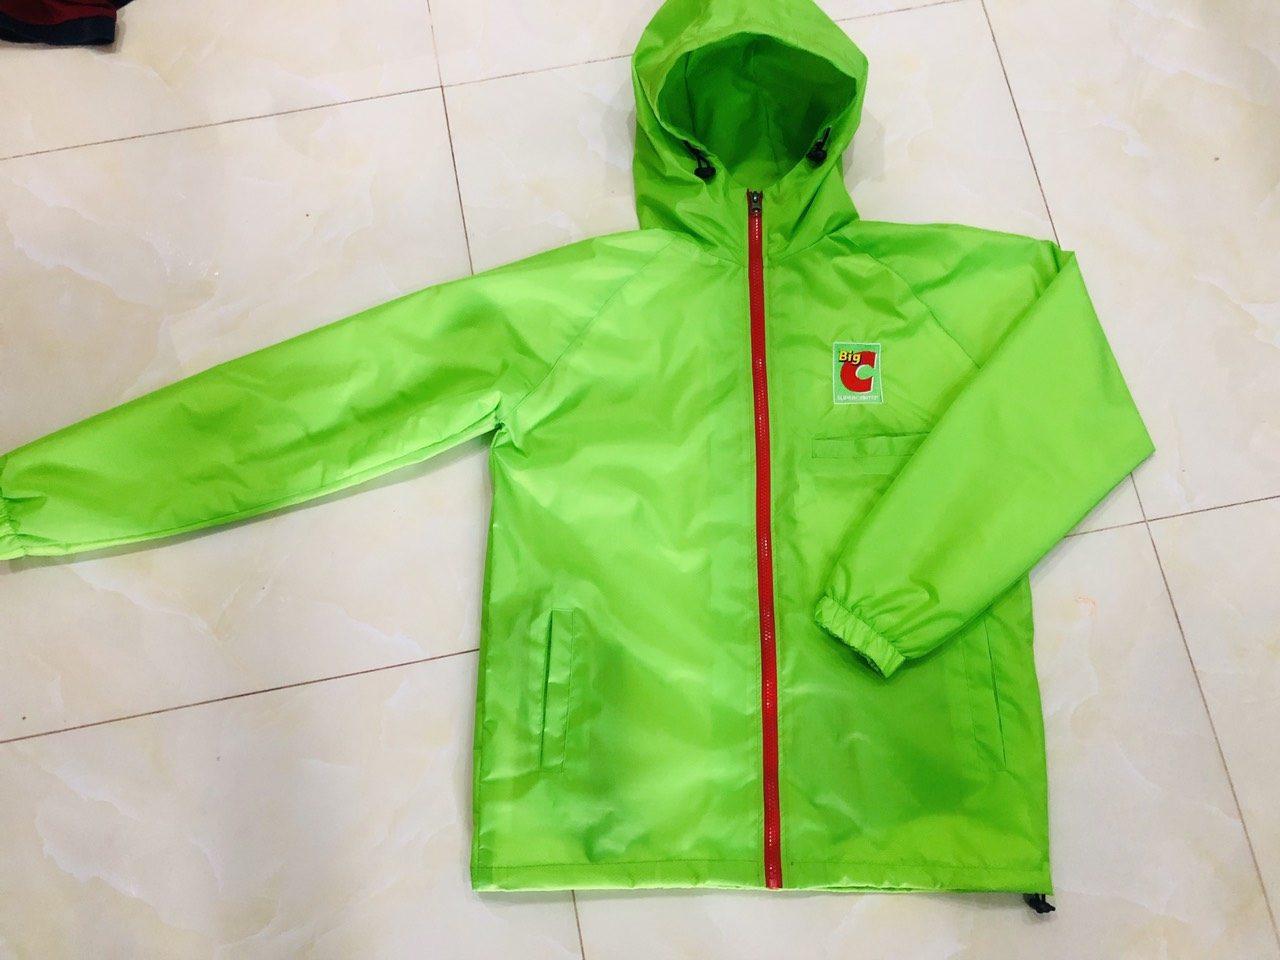 z1859399963430 785431c5de3dba9e4df0814d1f932f21 rotated - Giới thiệu về đồng phục áo khoác